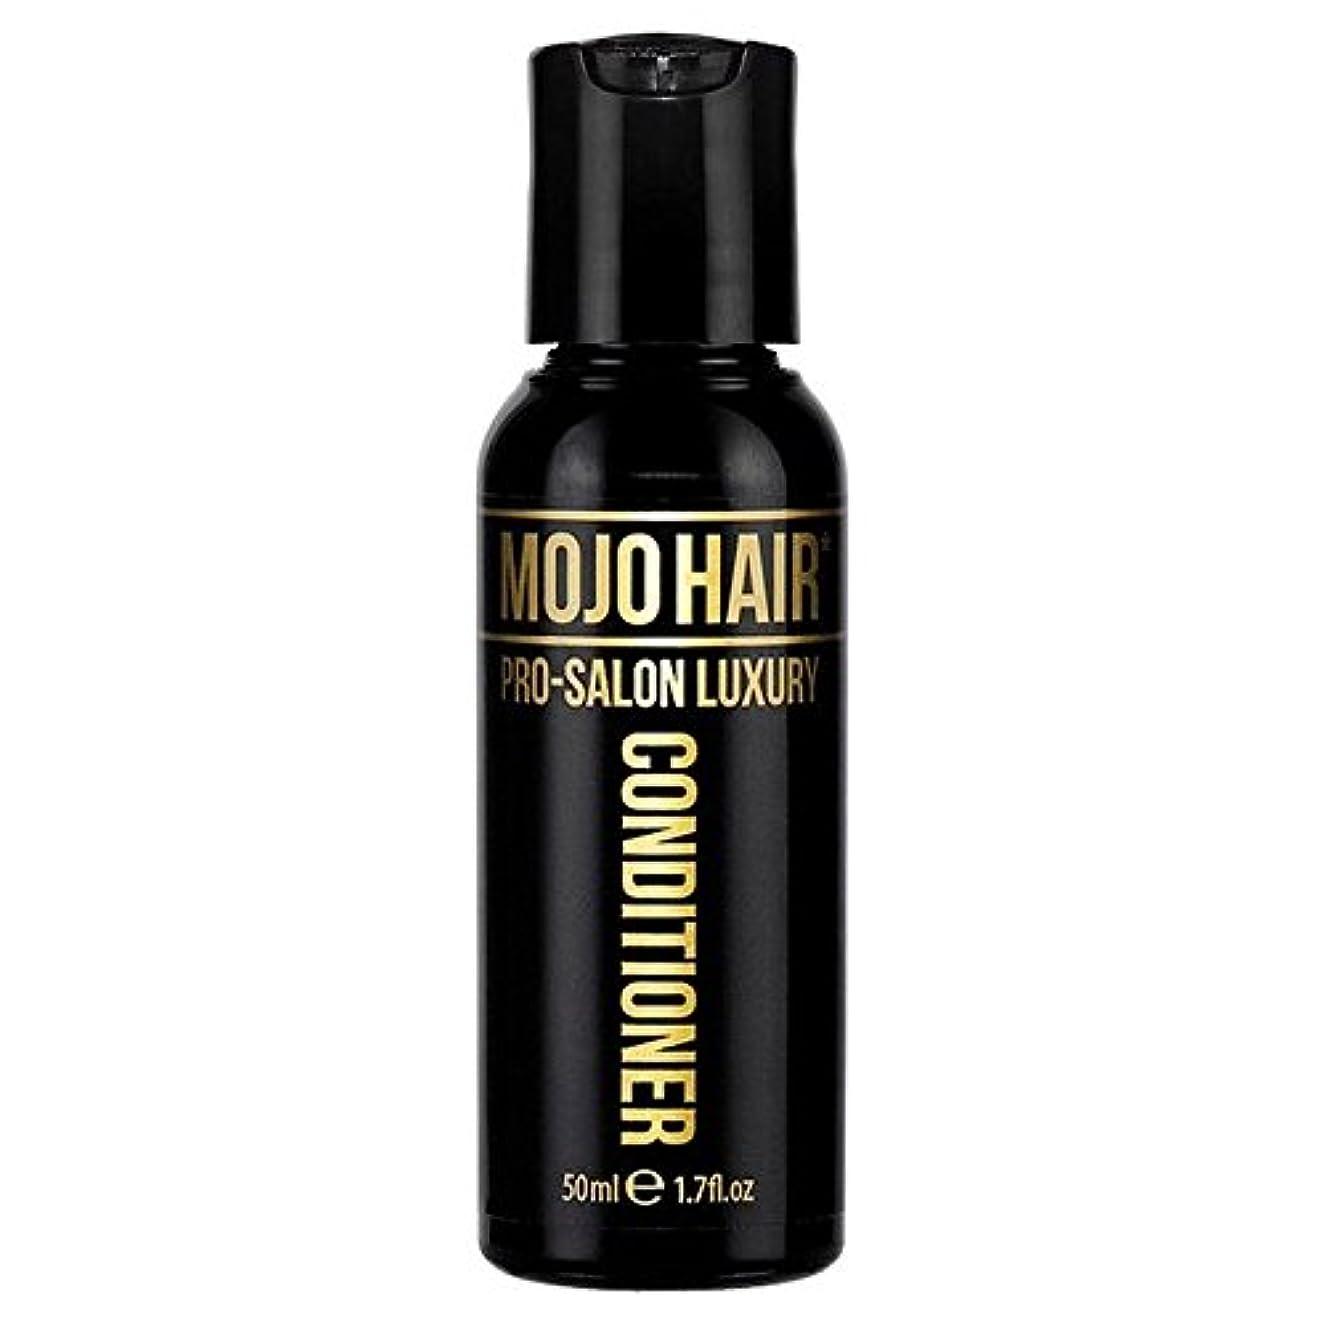 トリクル反乱咳MOJO HAIR Pro-Salon Luxury Fragrance Conditioner for Men, Travel Size 50ml - 男性のためのモジョの毛プロのサロンの贅沢な香りコンディショナー、トラベルサイズ...